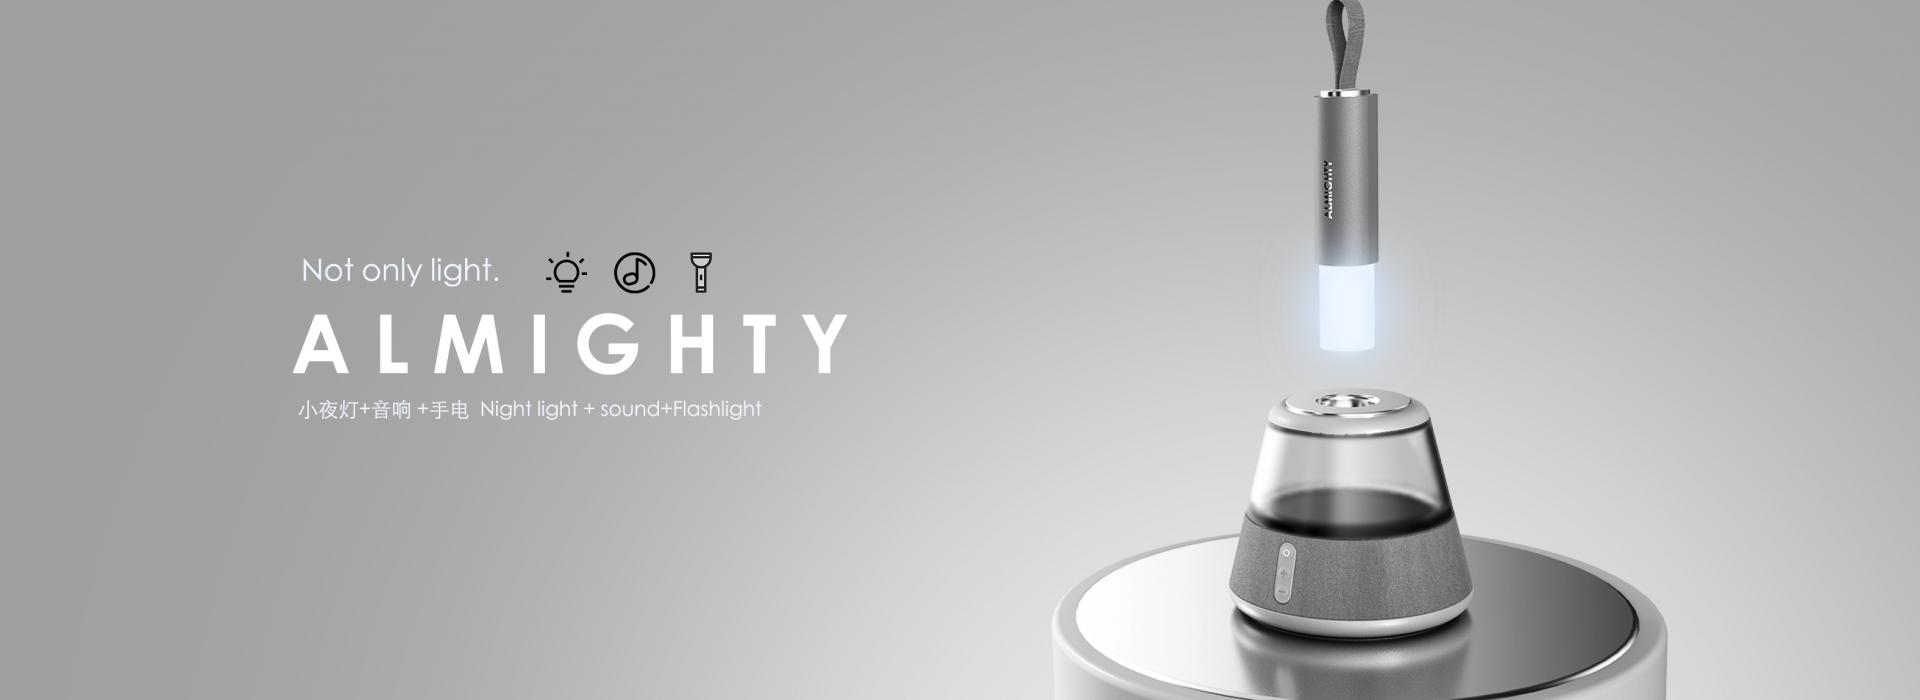 手电筒照明设备2